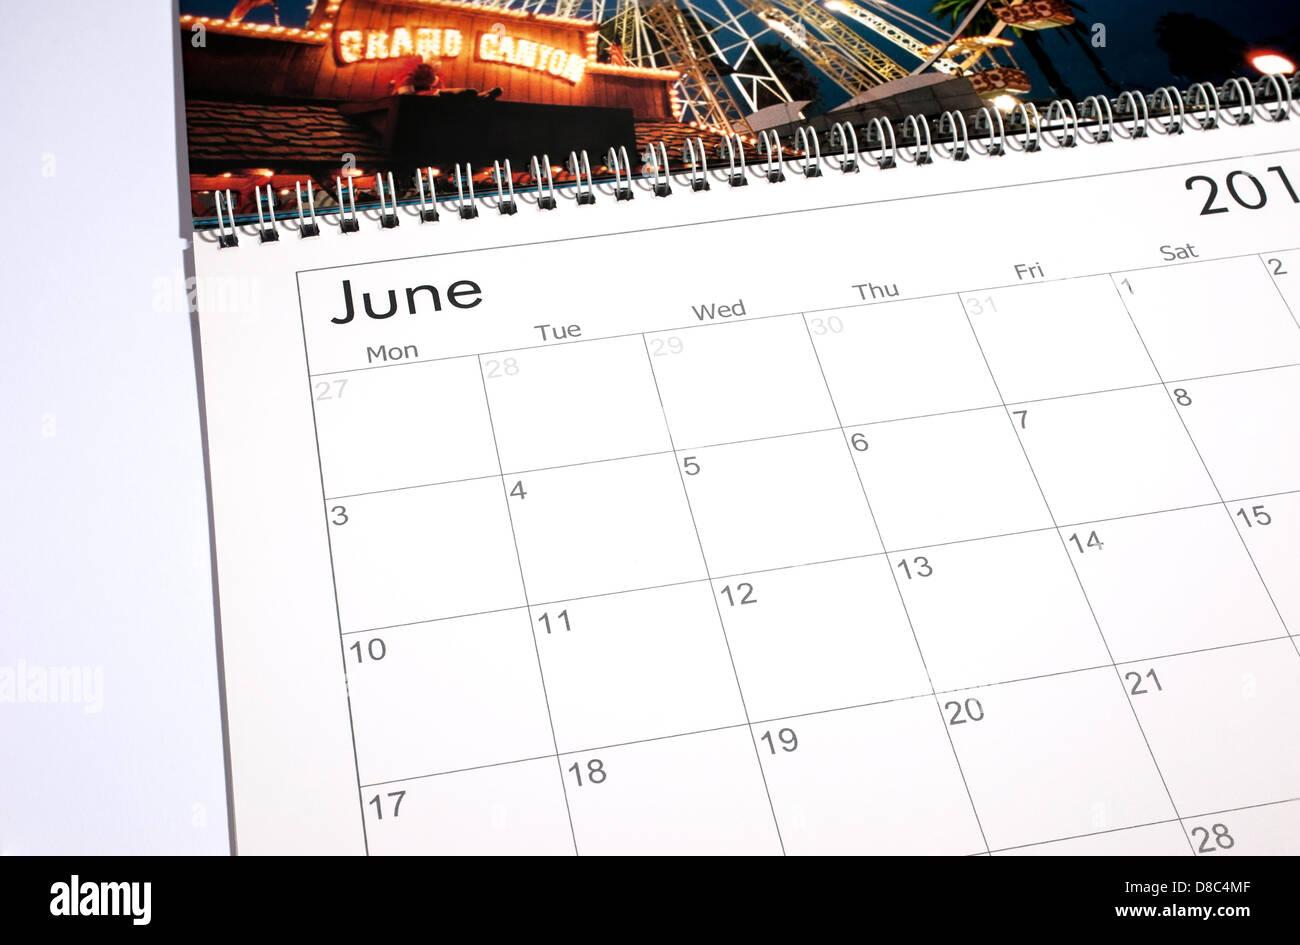 Calendario en blanco página Junio 2013 Imagen De Stock